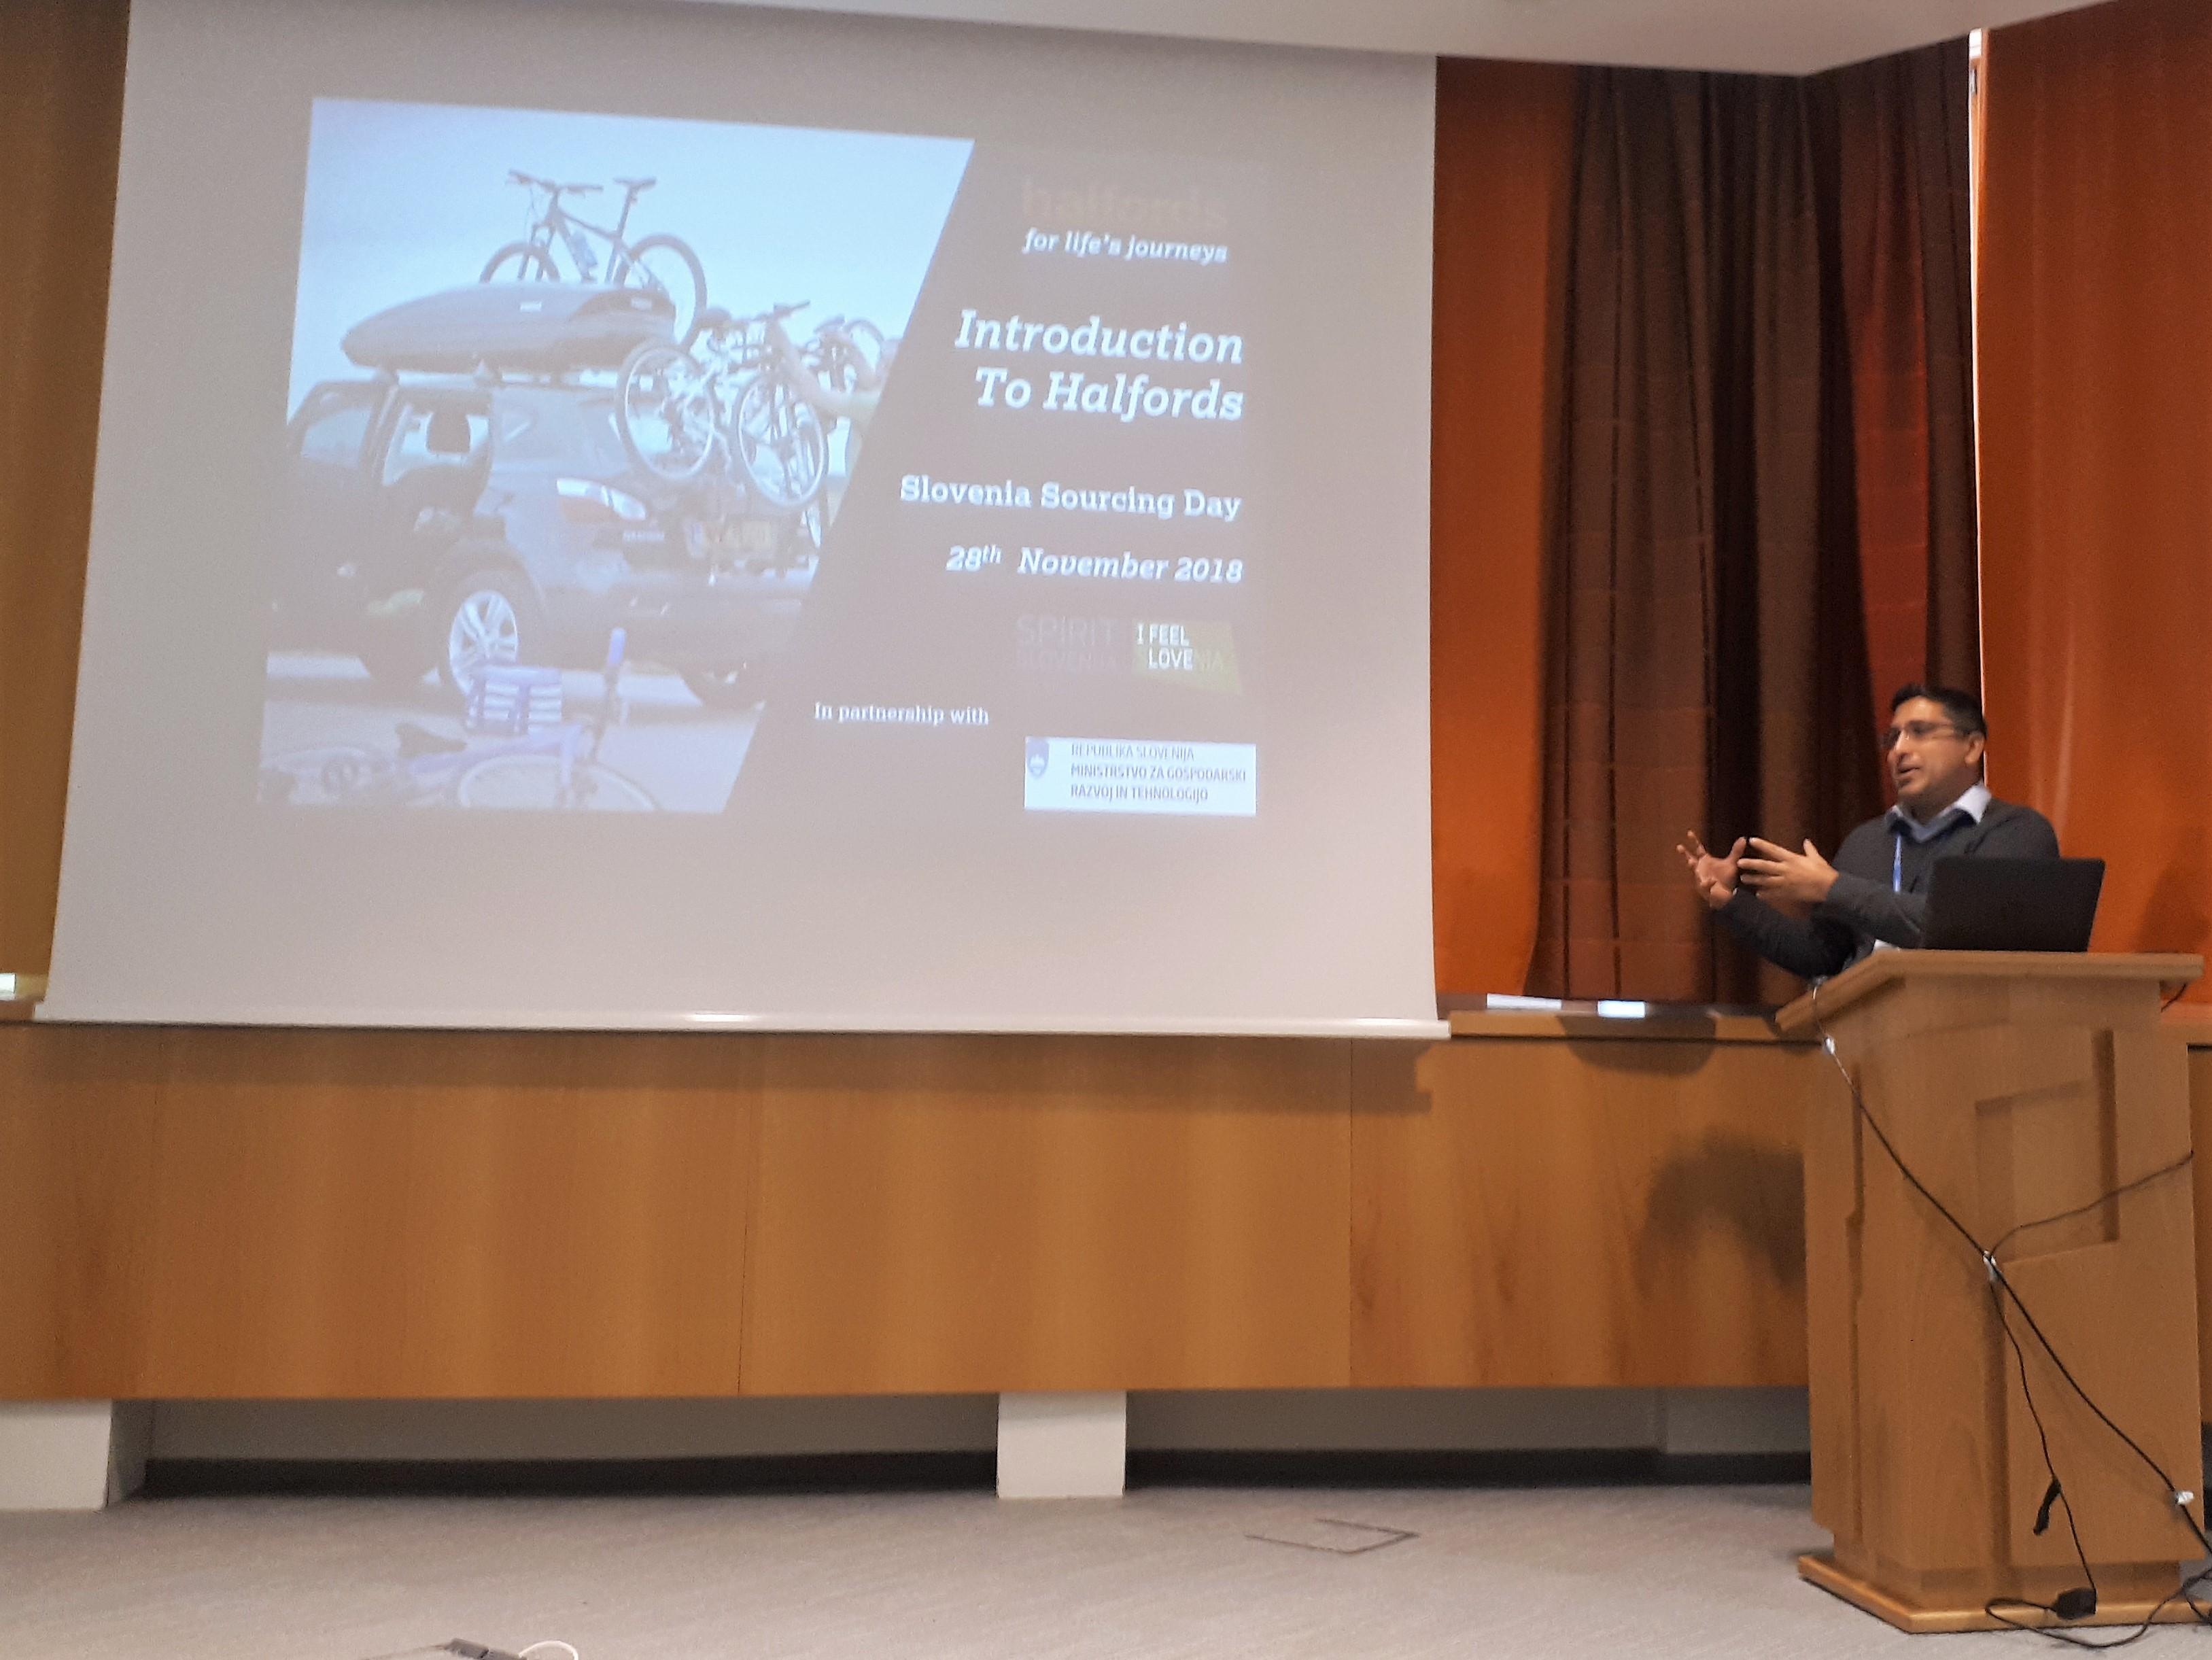 Anuraag Parashar, nabavnik v podjetju Halfords, je uvodom predstavil verigo Halfords in zahteve, ki jih imajo do svojih dobaiteljev.